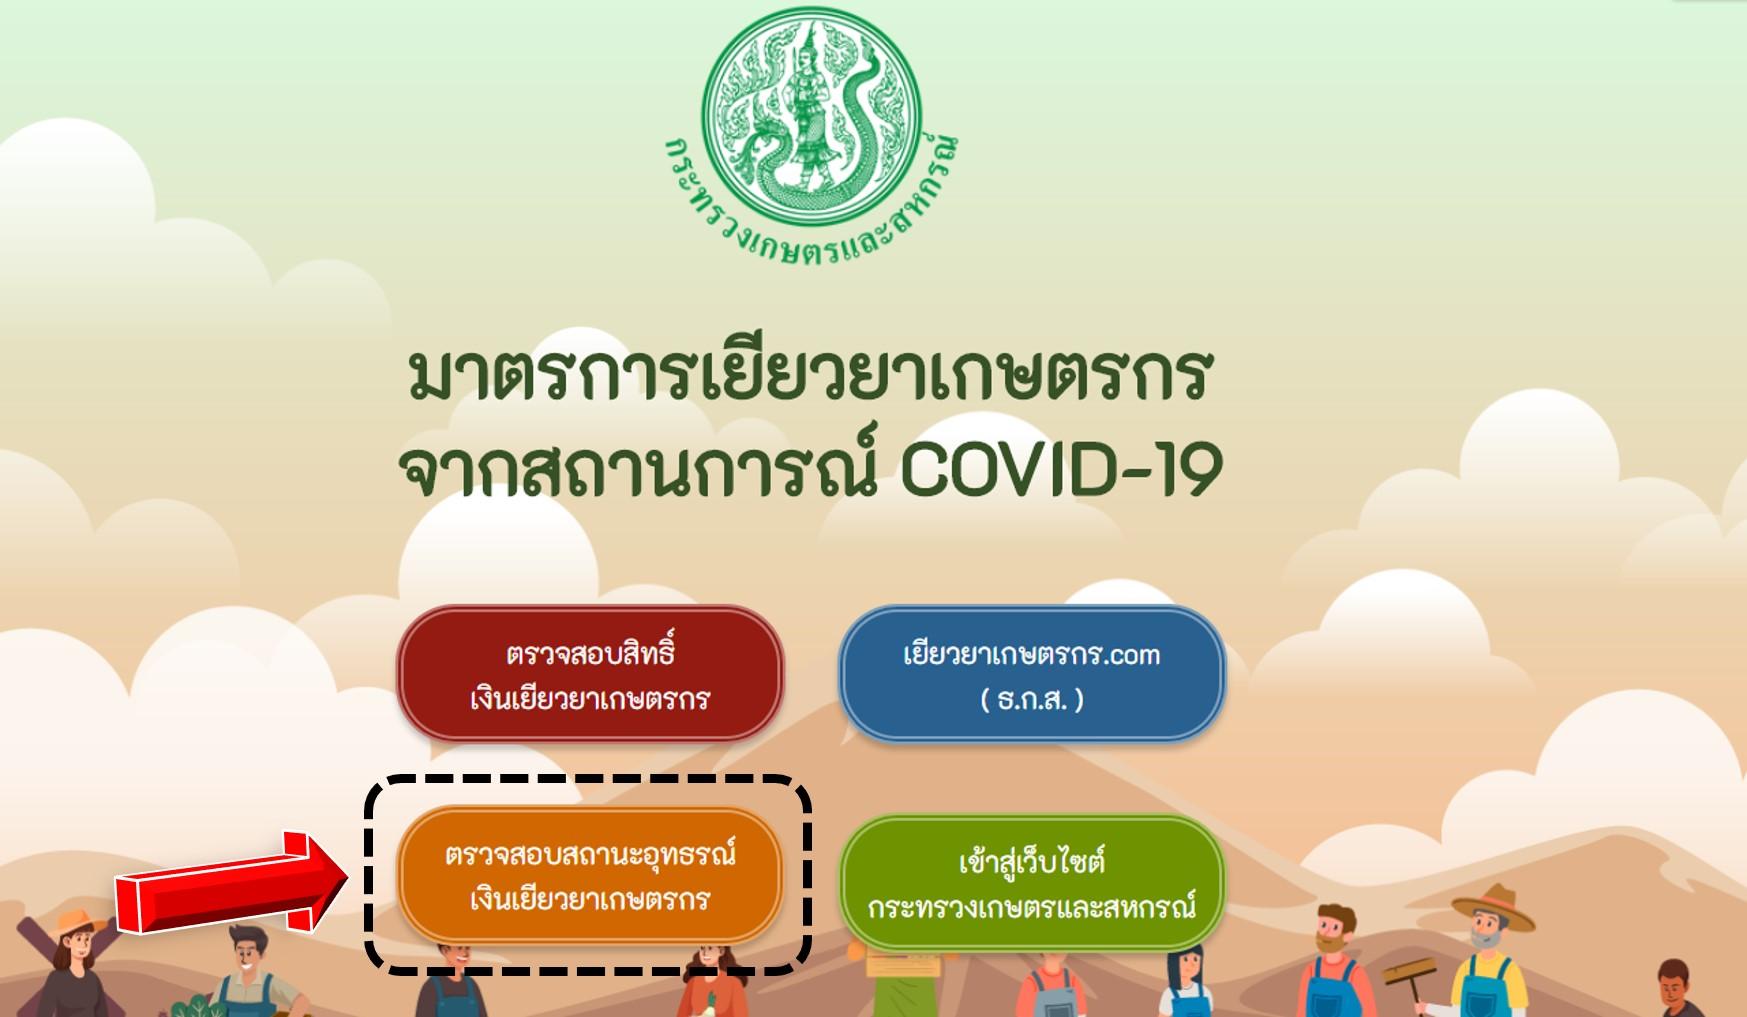 ยื่นอุทธรณ์เงินเยียวยาเกษตรกรไทย